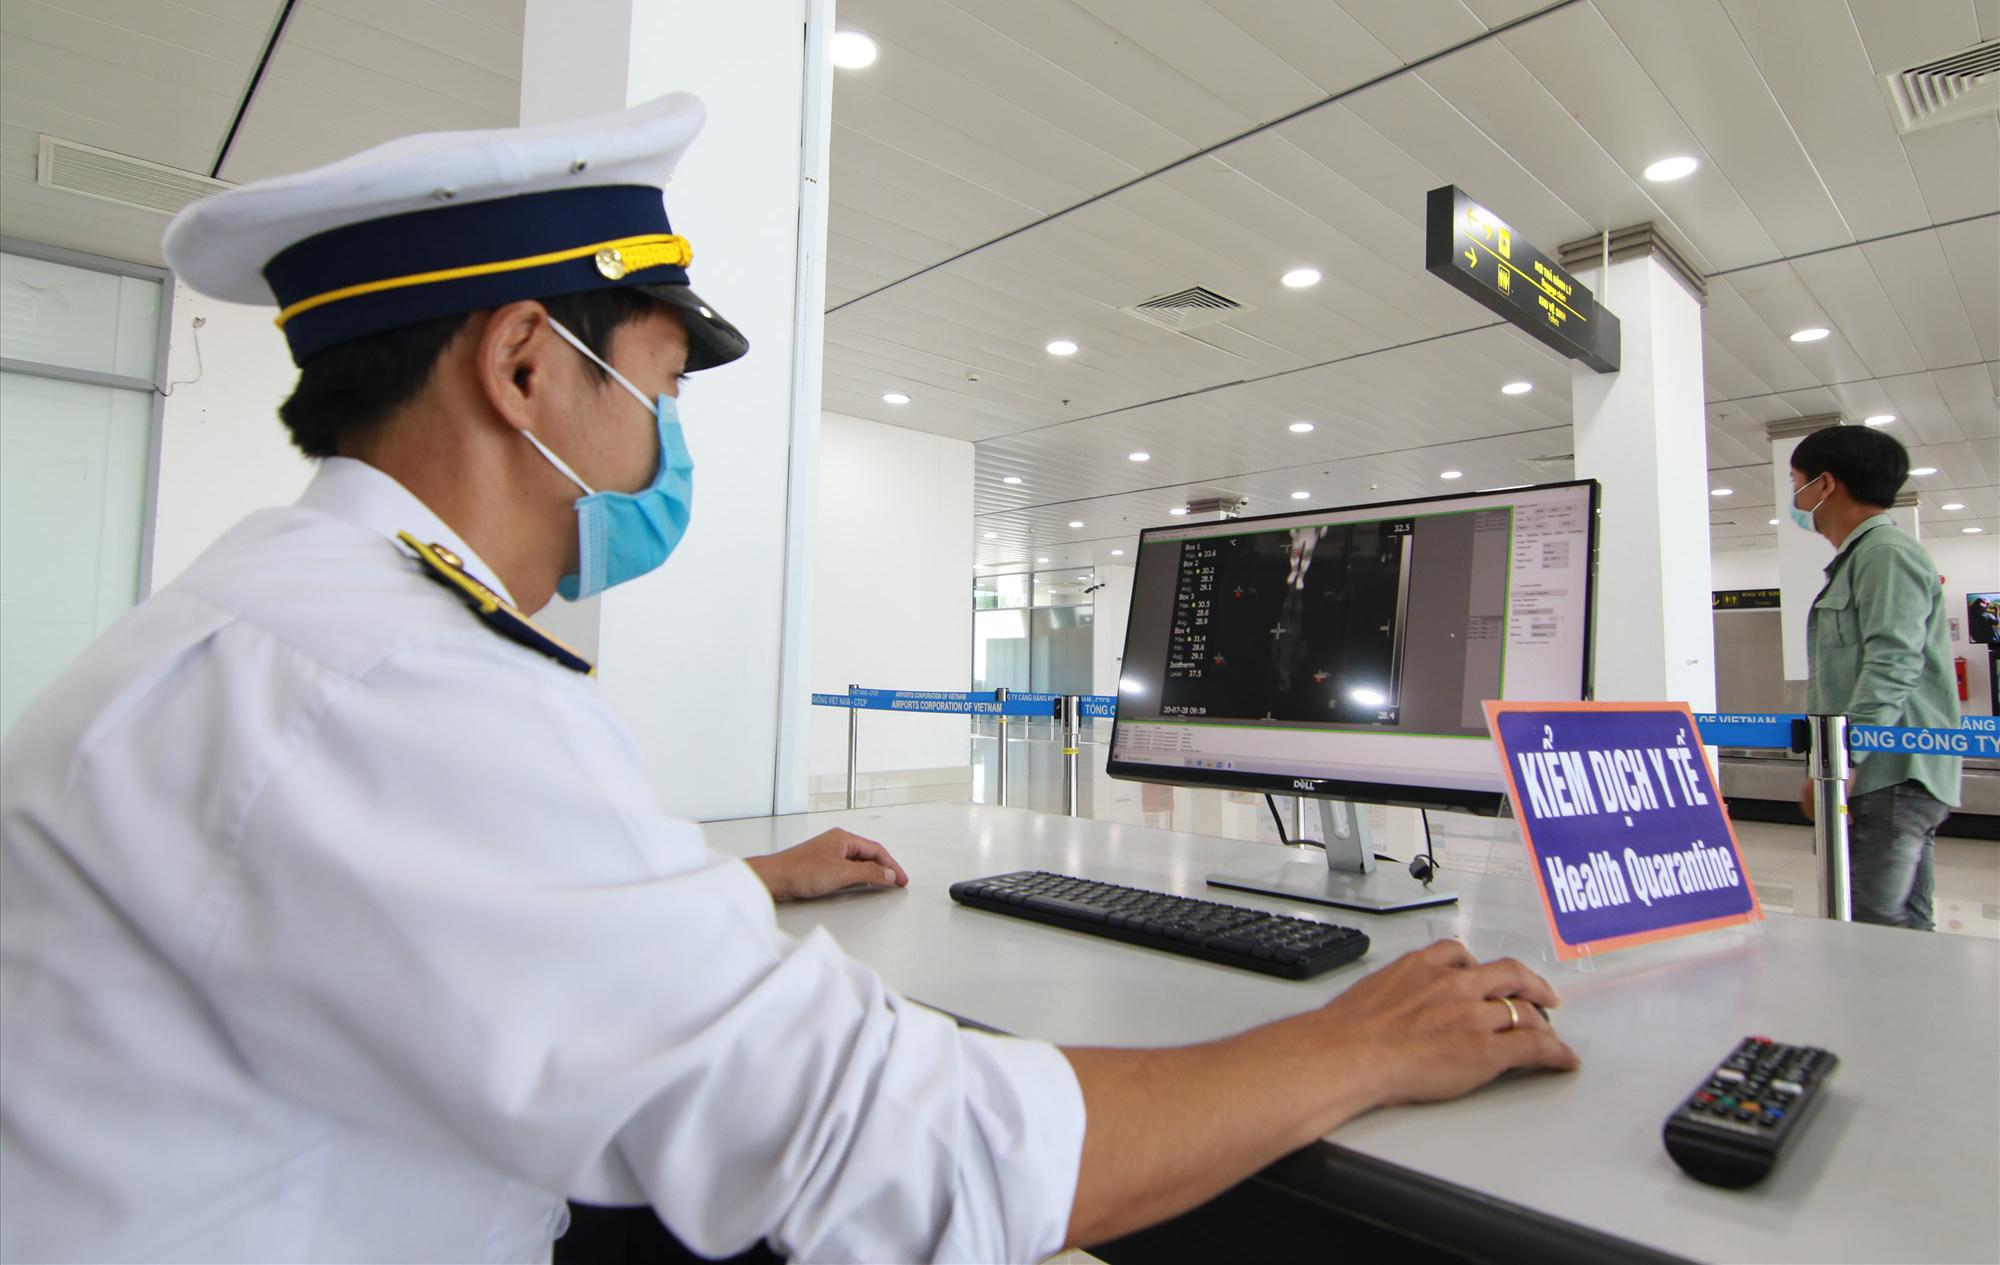 Xử lý trường hợp không khai báo y tế điện tử trước chuyến bay